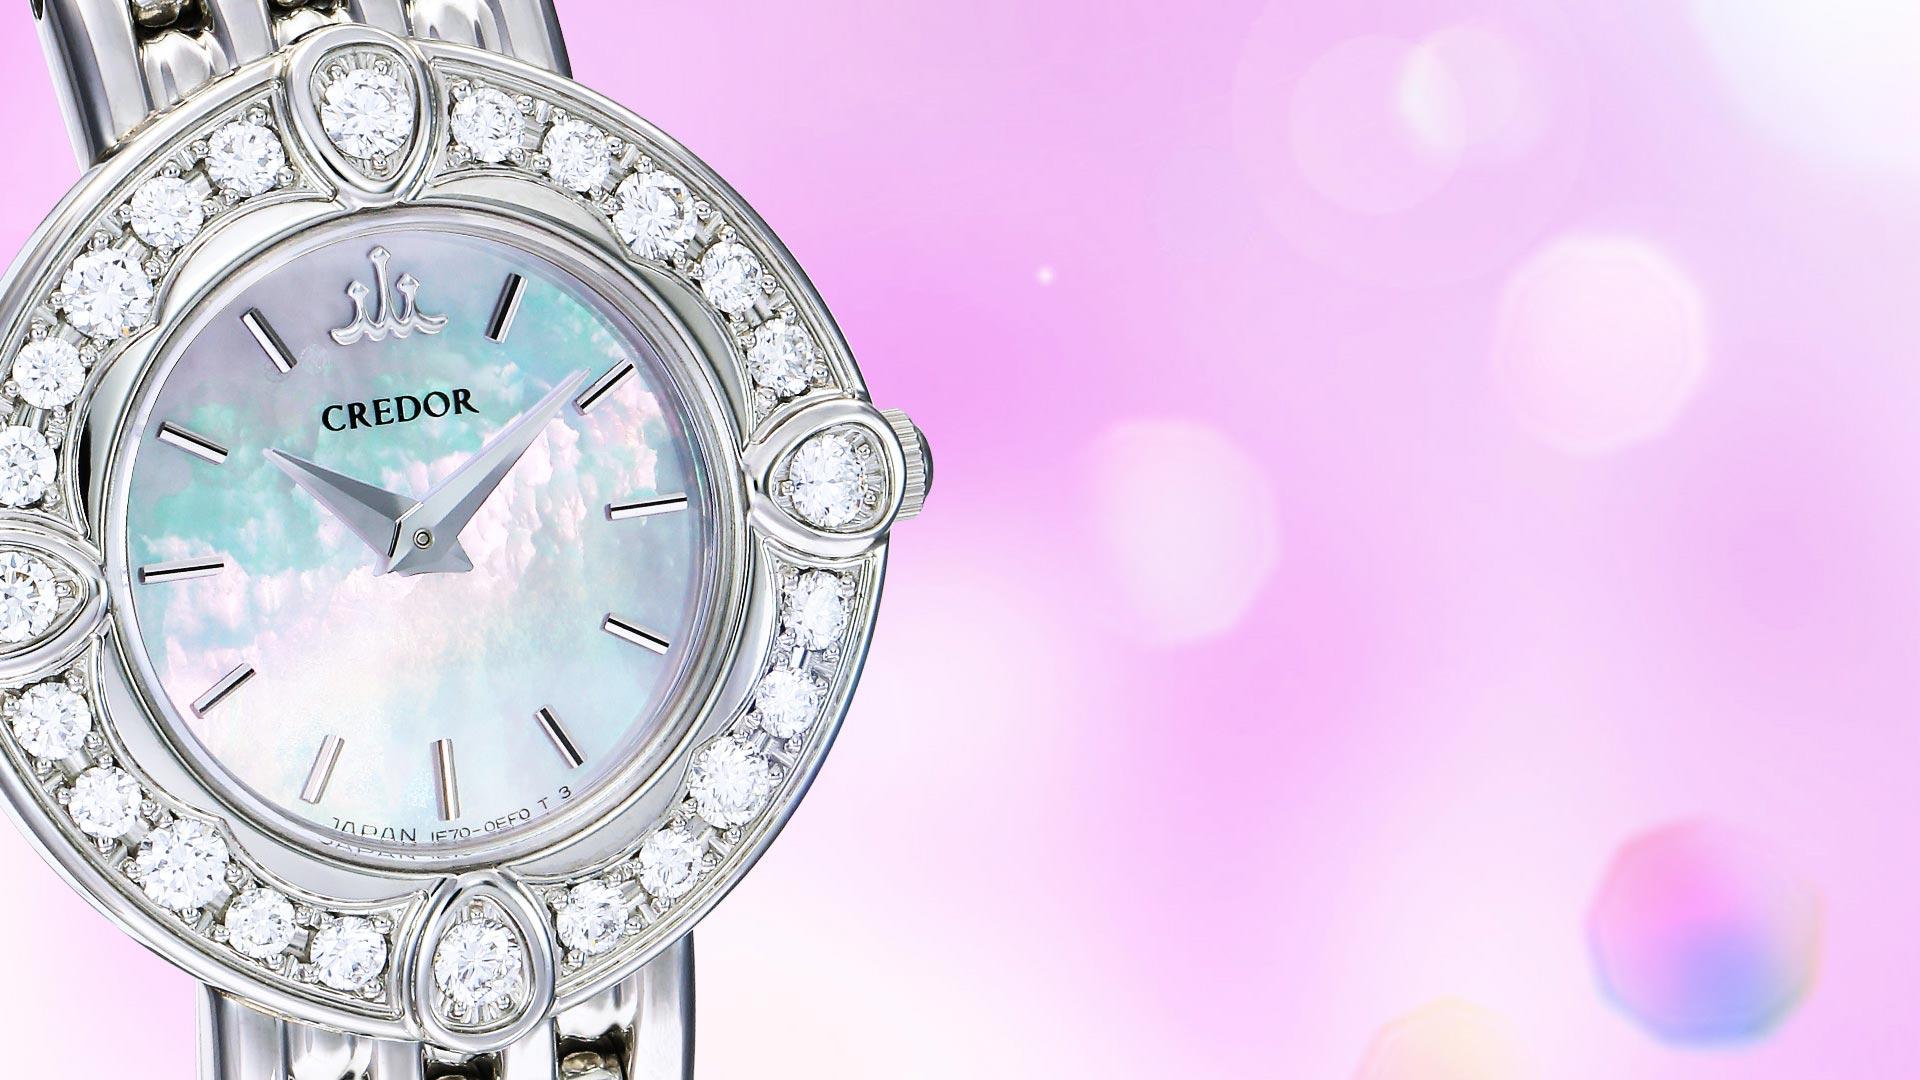 ハナジマで取り扱う腕時計を紹介するページとトップ画像。時計はセイコーのクレドール(credor)をイメージとして使用。